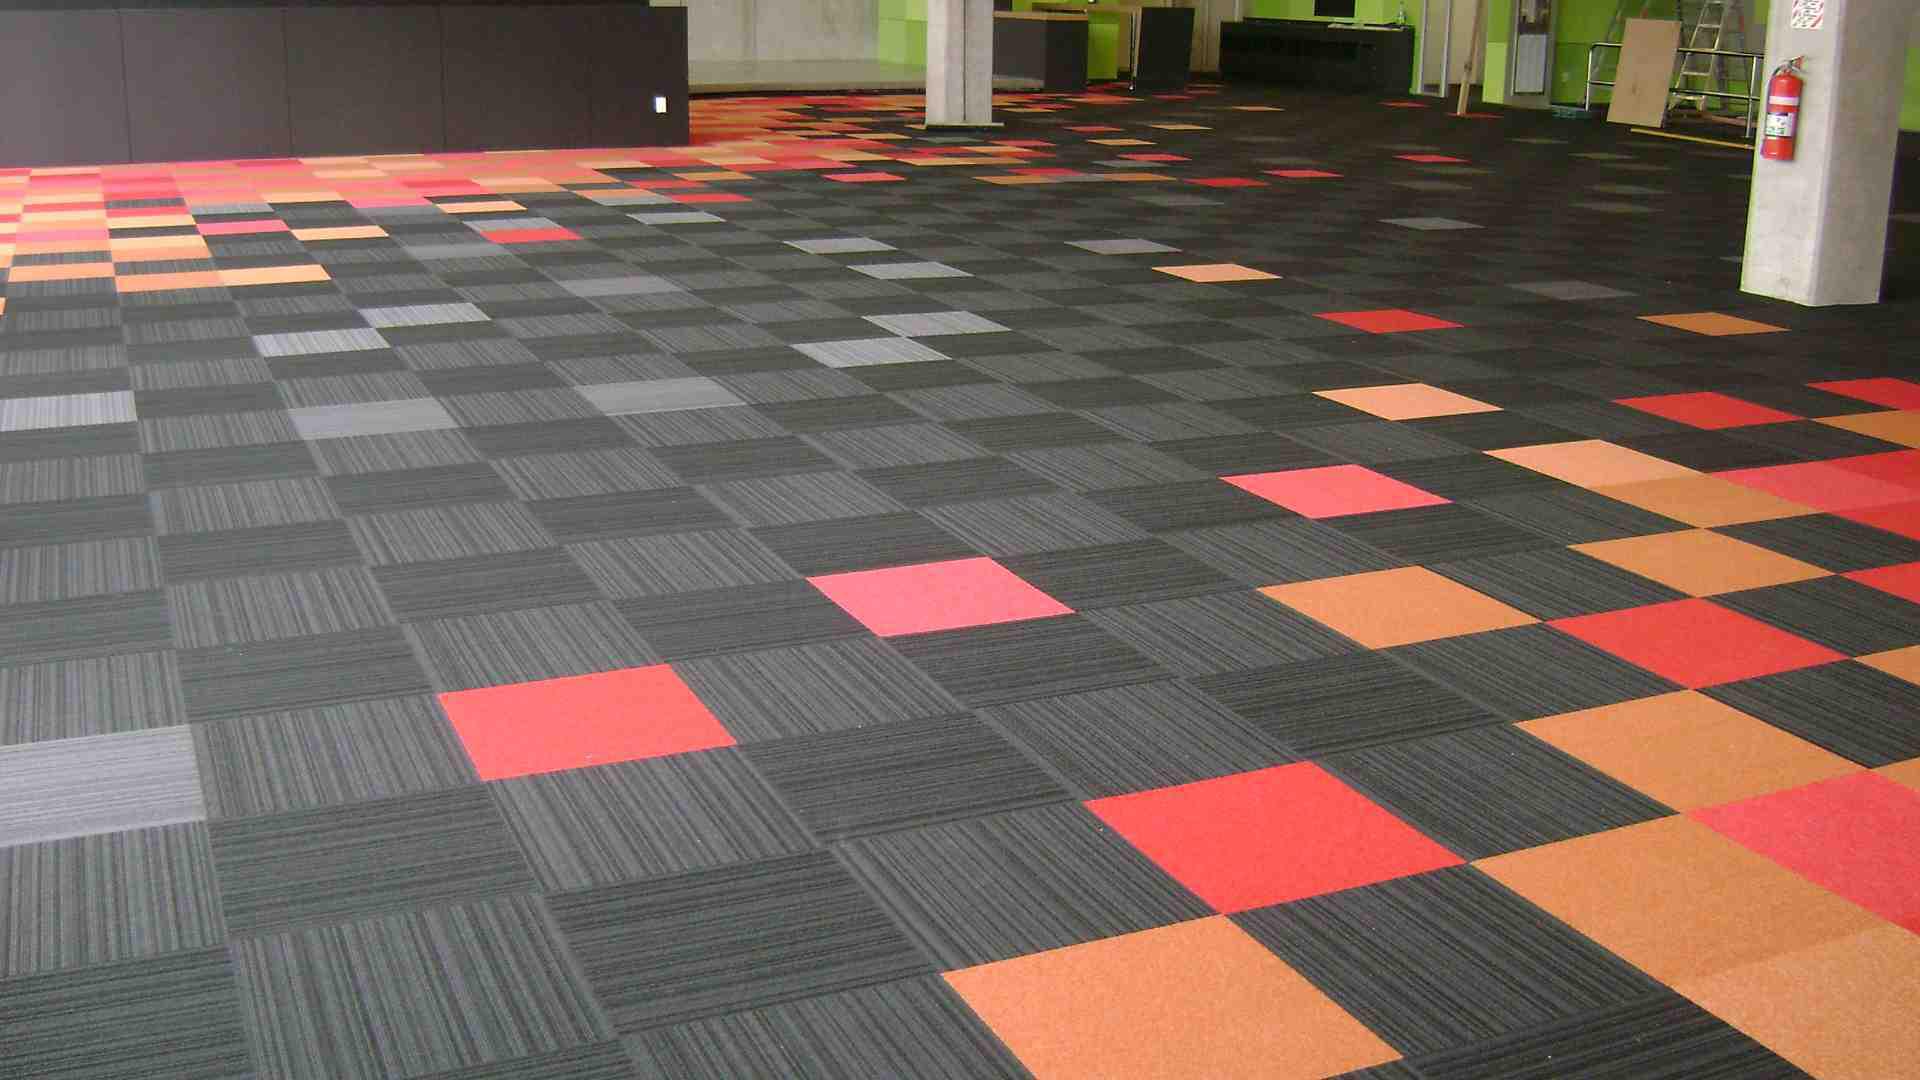 carpet tiles office. Office-carpet-tiles-dublin Carpet Tiles Office